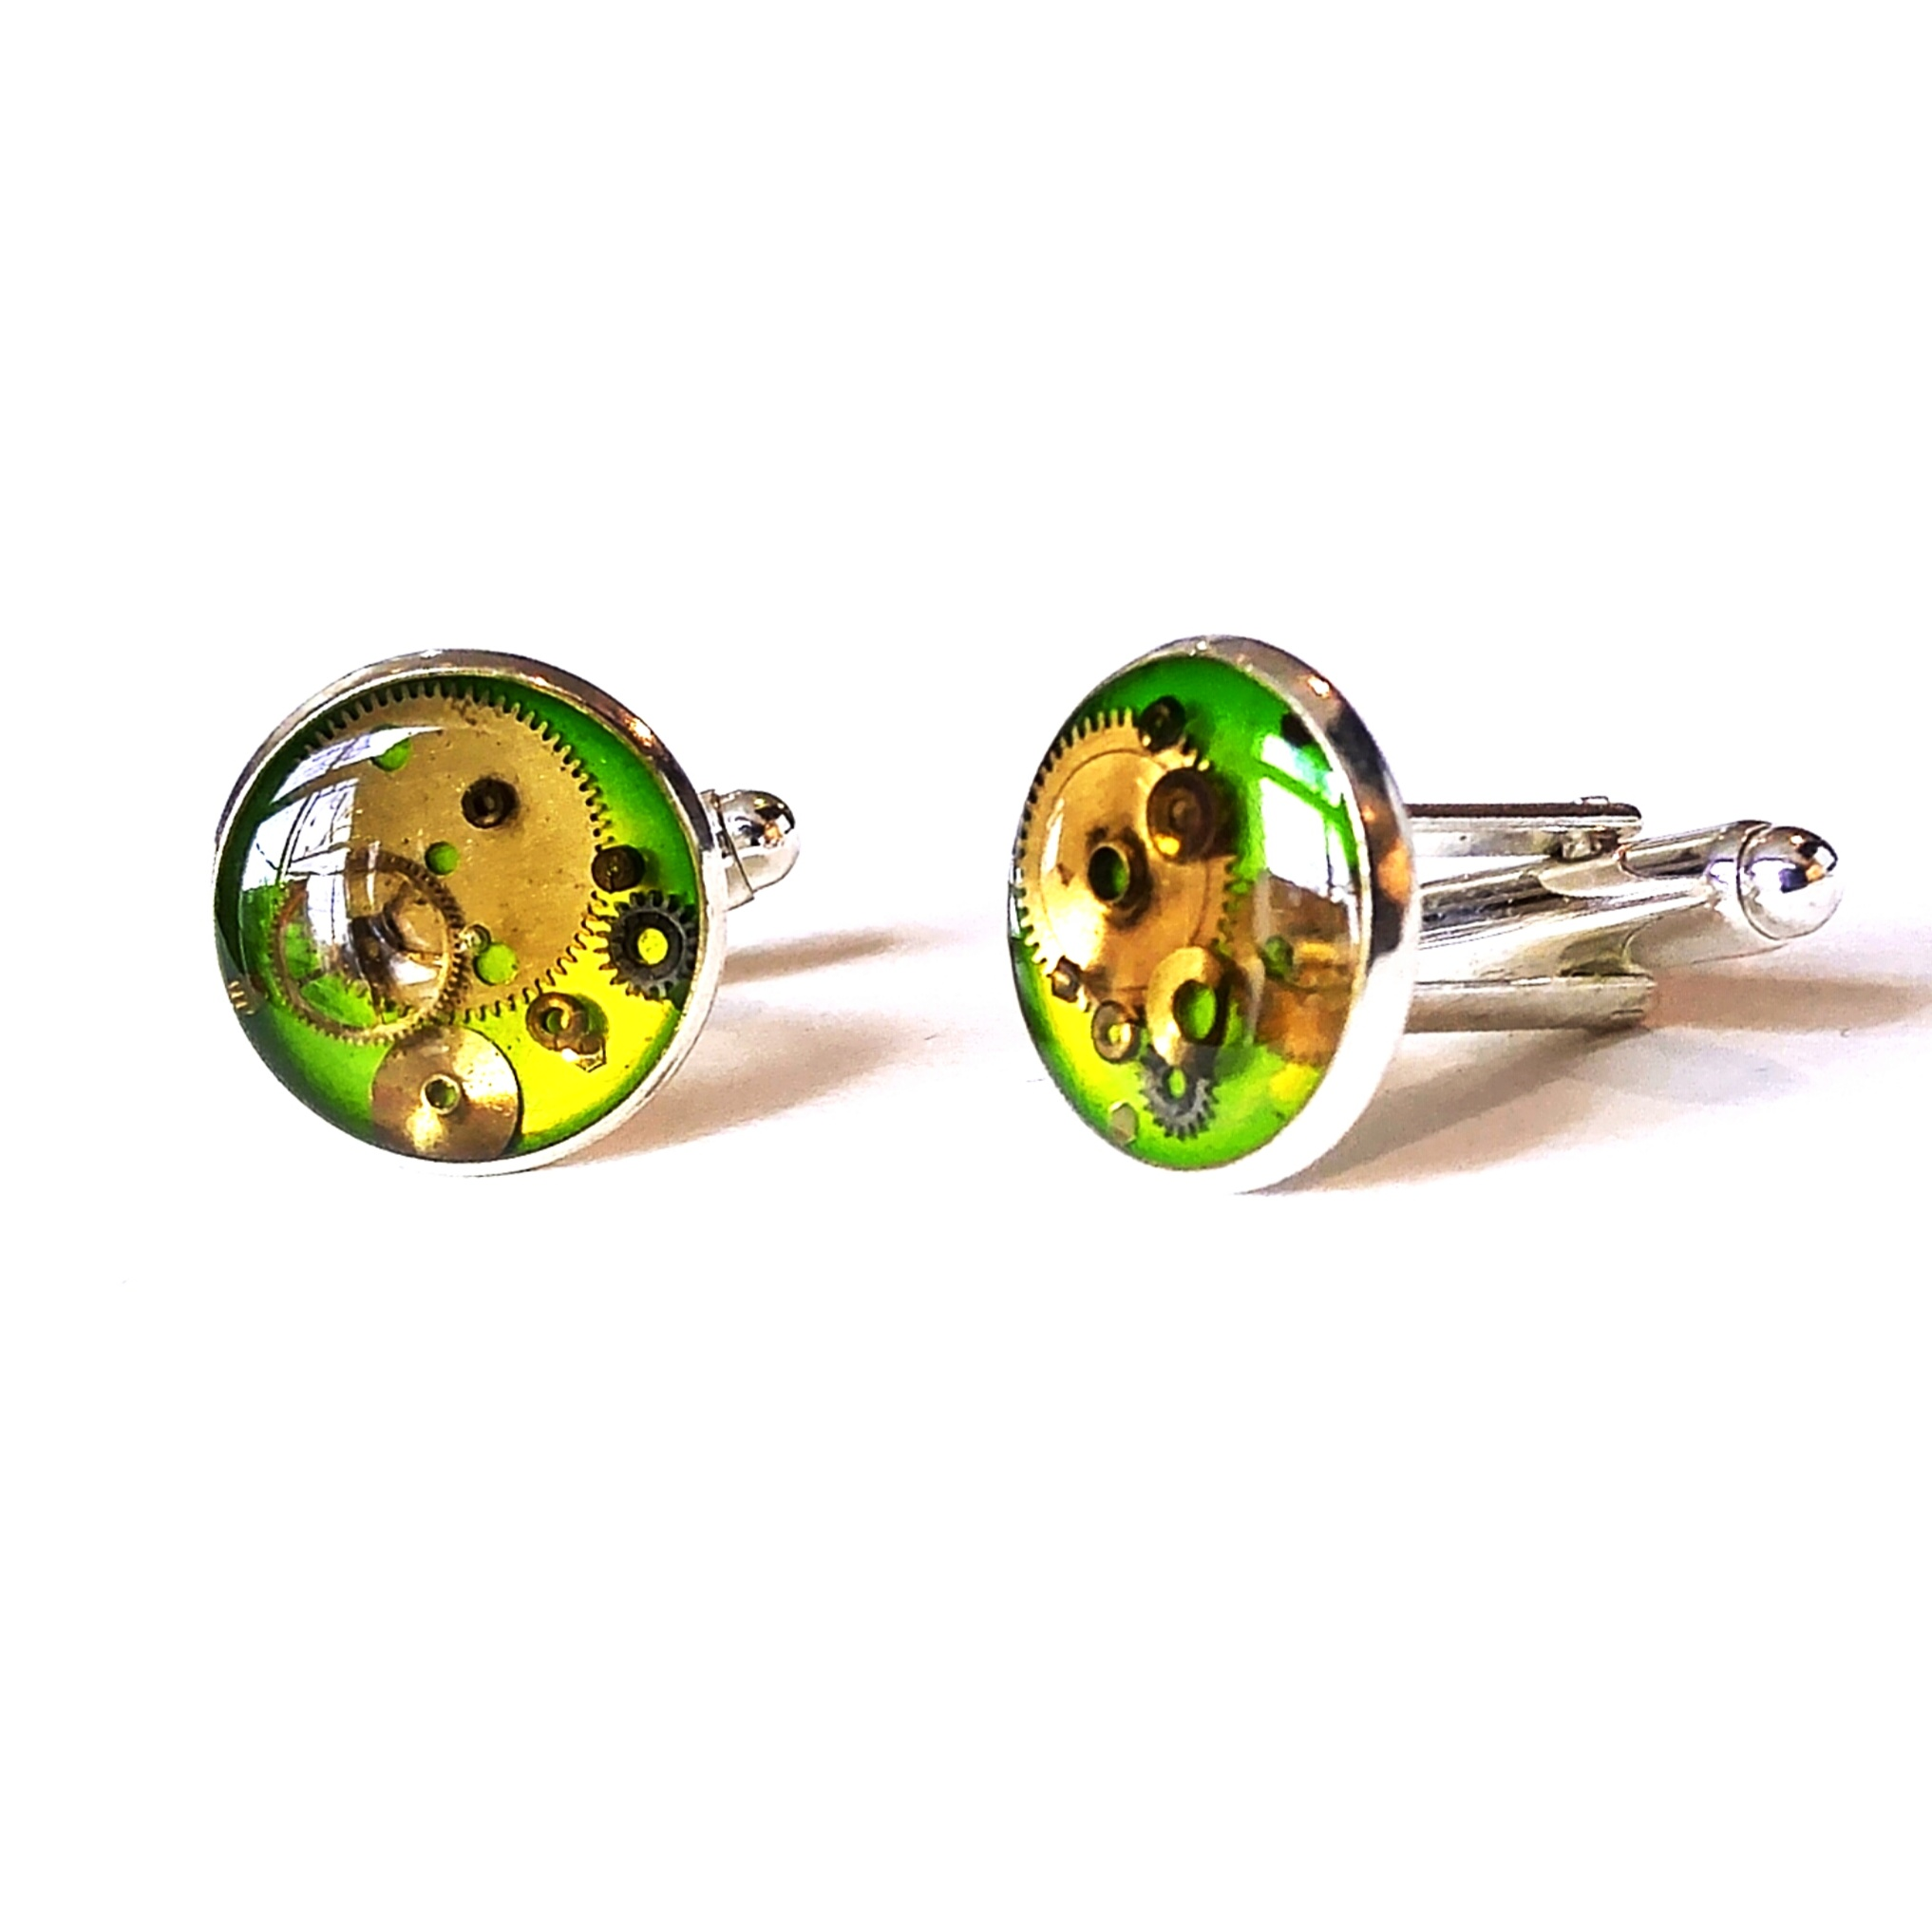 Lime green watch part cufflinks